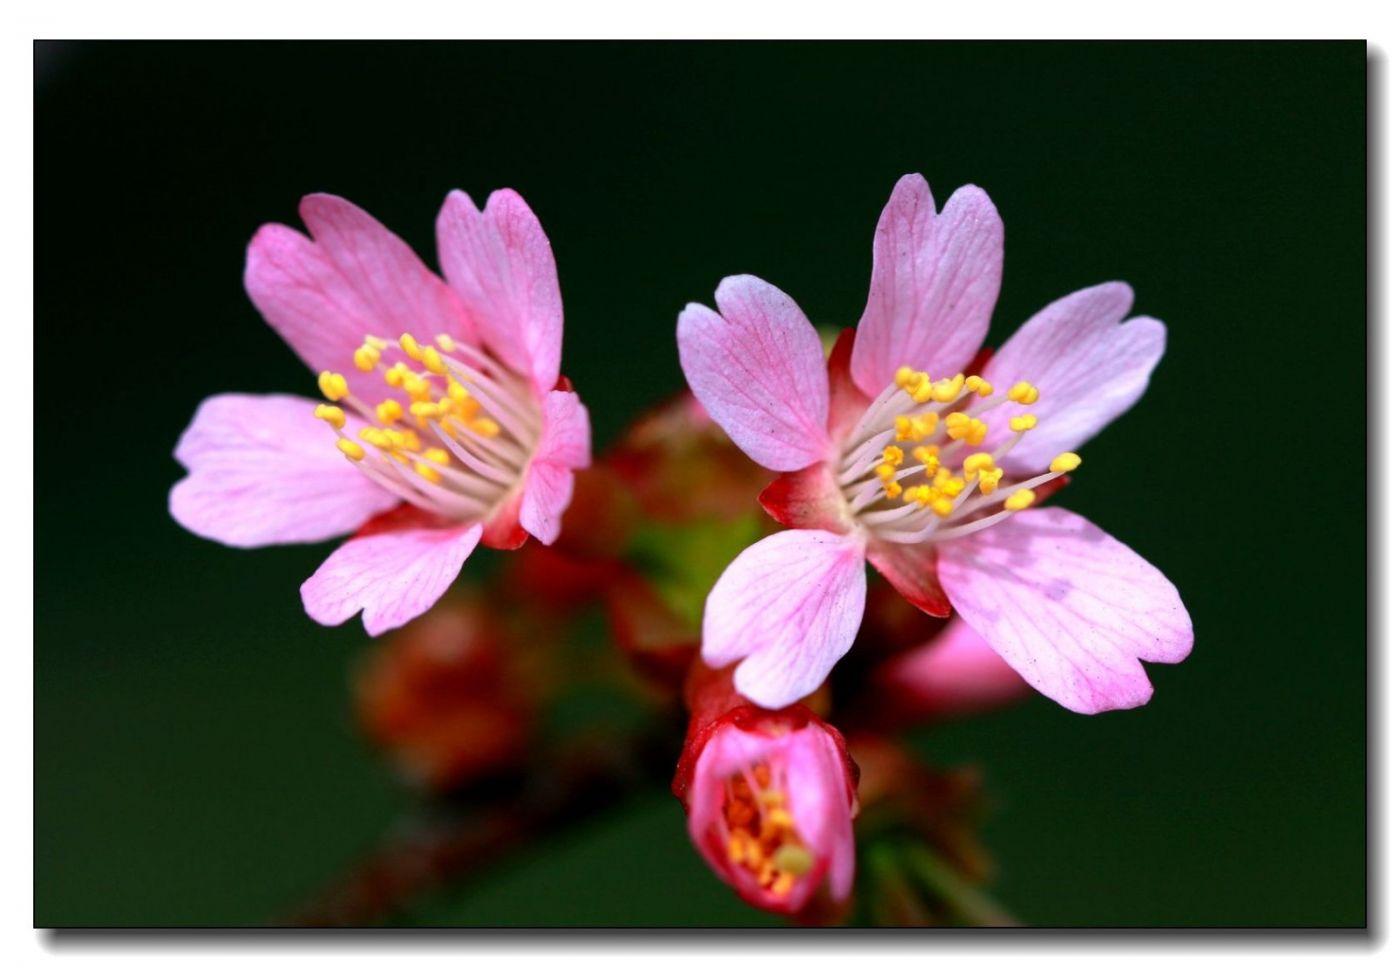 纽约早樱花已开满枝头_图1-2